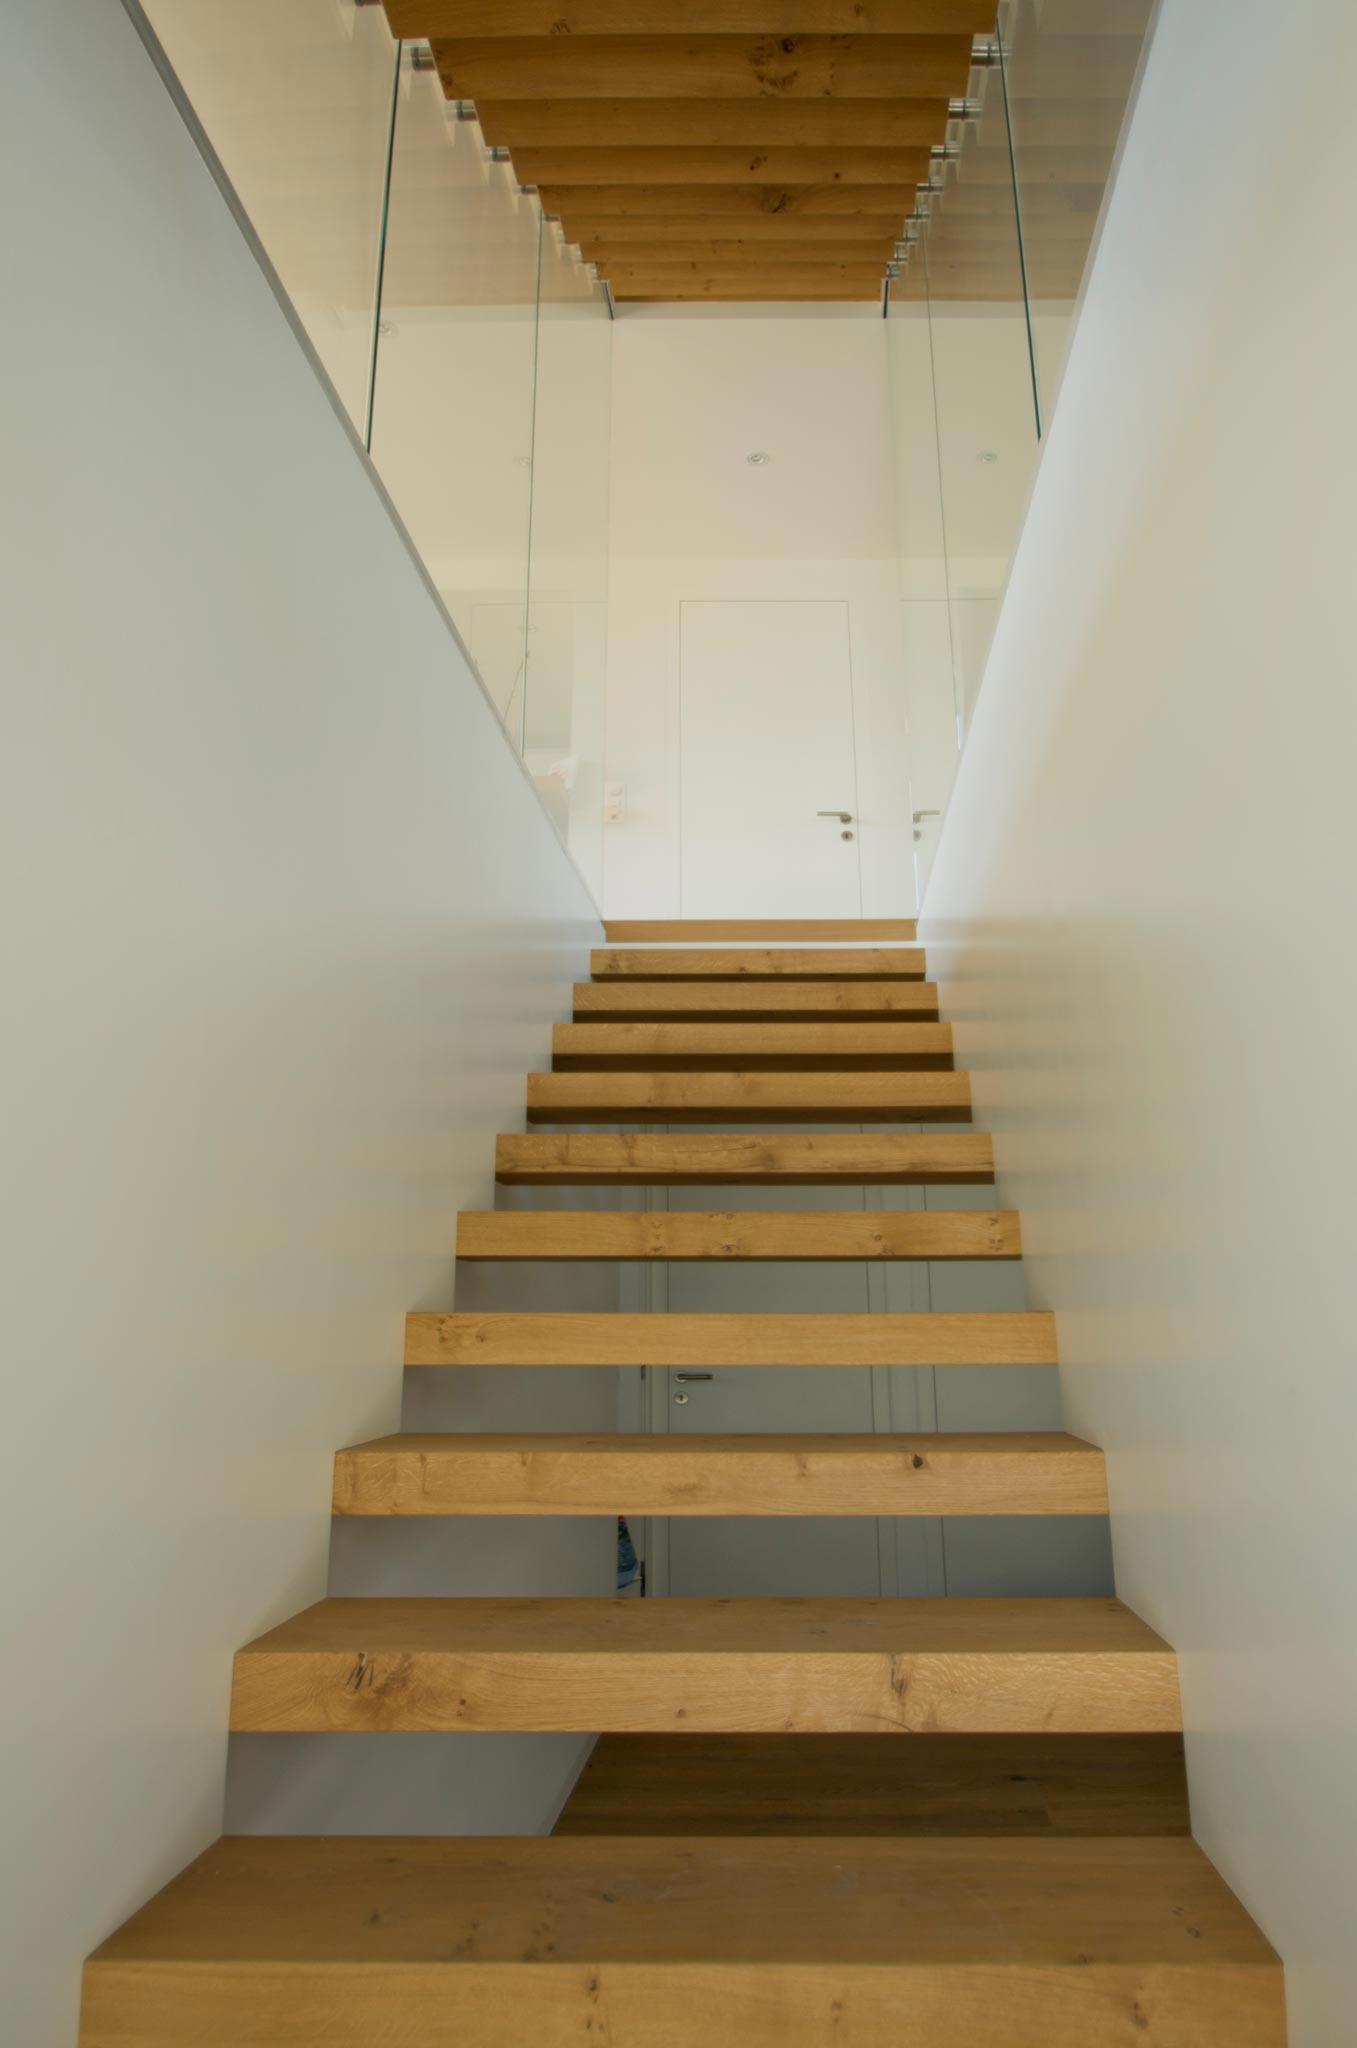 ES Amg escalier vtc 20 05 006 - Montée en transparence